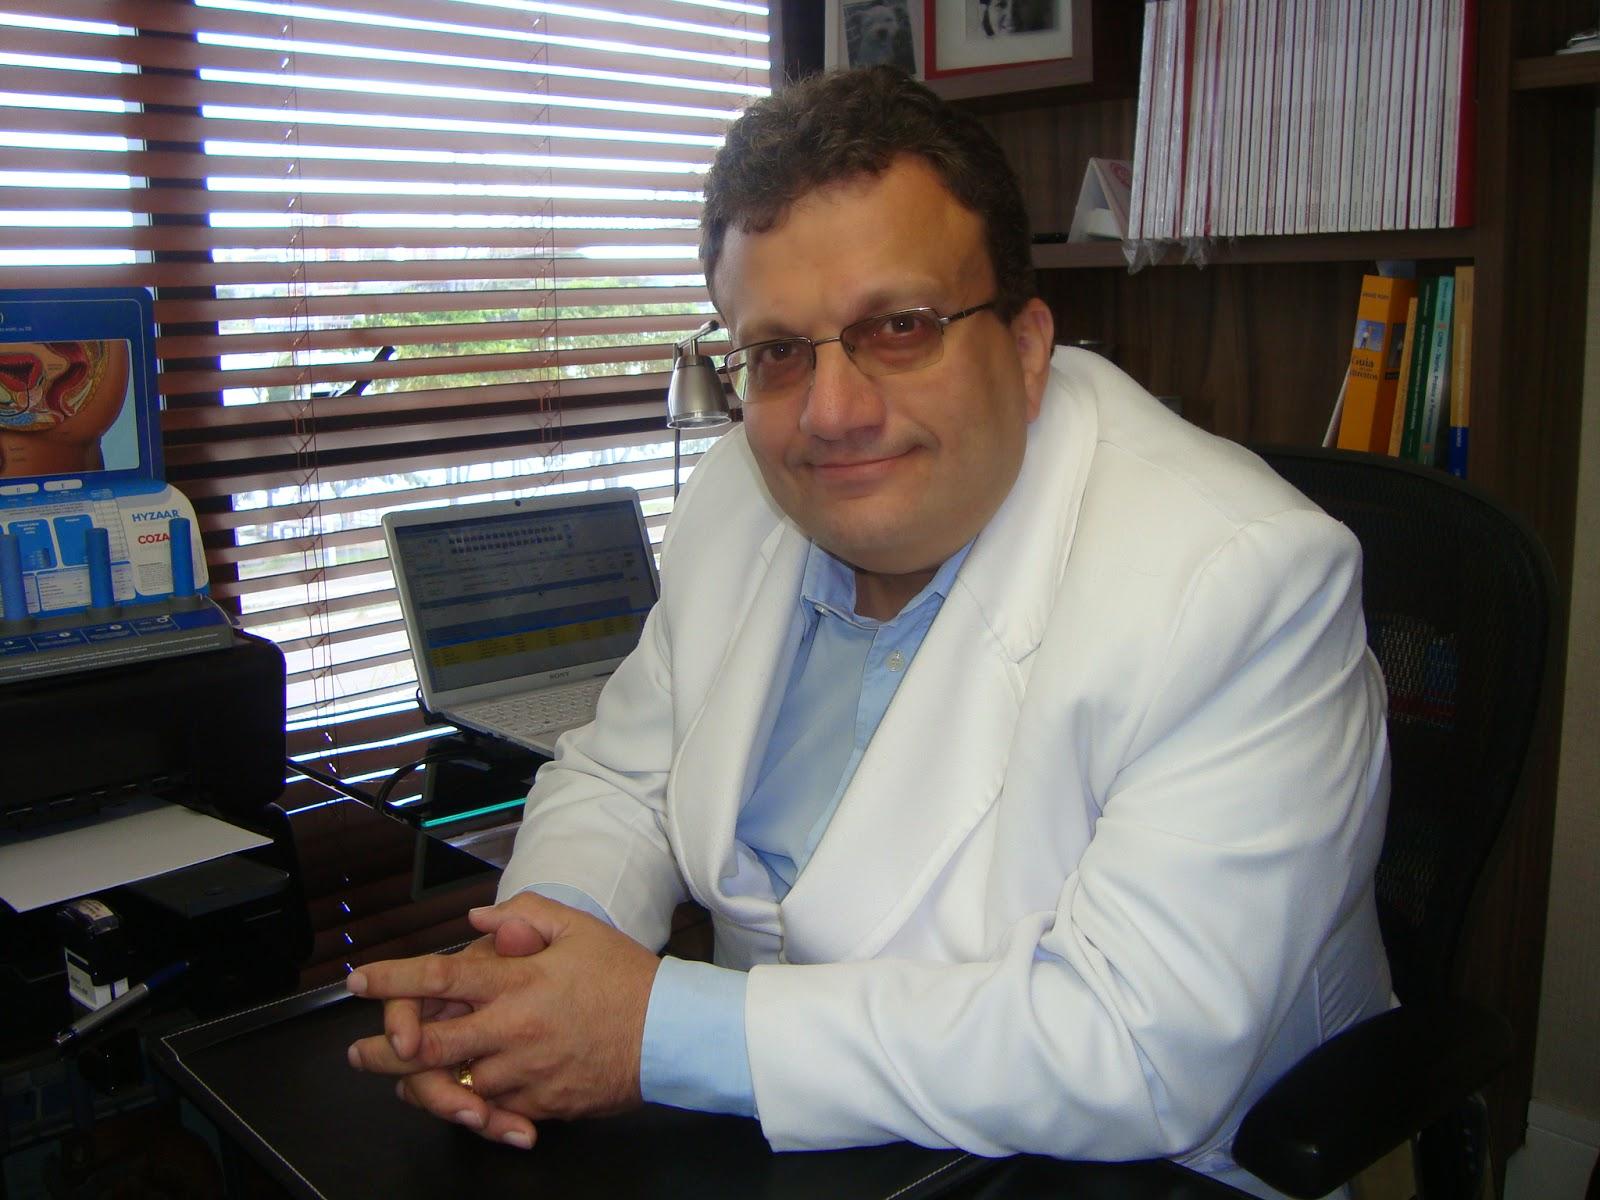 PUBLIEDITORIAL - Atenção ao câncer de colón, reto e ânus